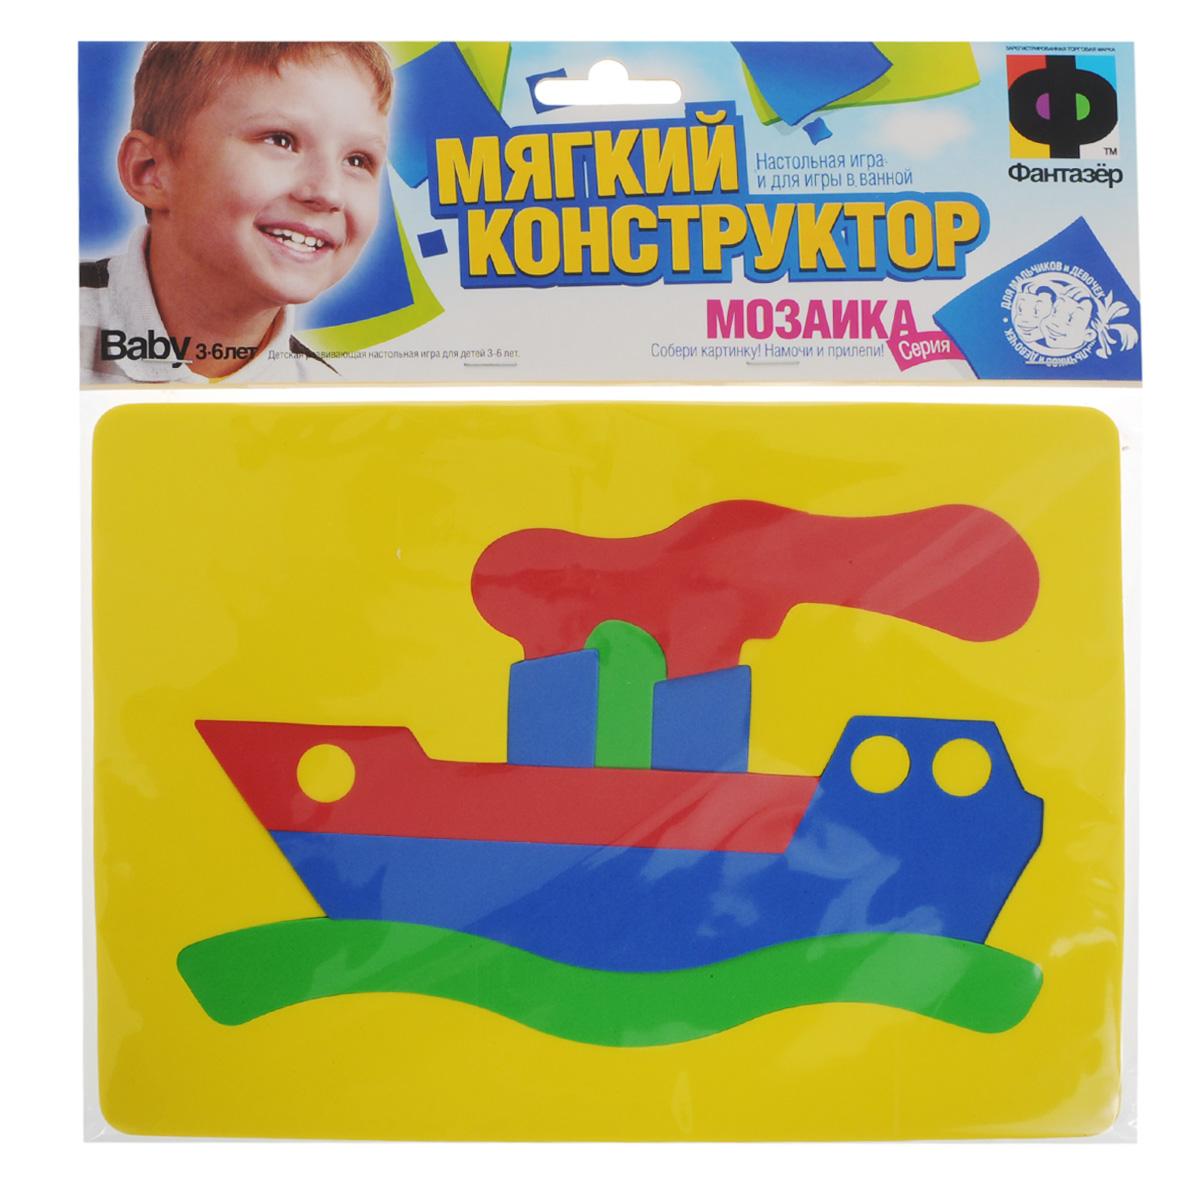 Мягкая мозаика Фантазер Кораблик, 11 элементов063551К